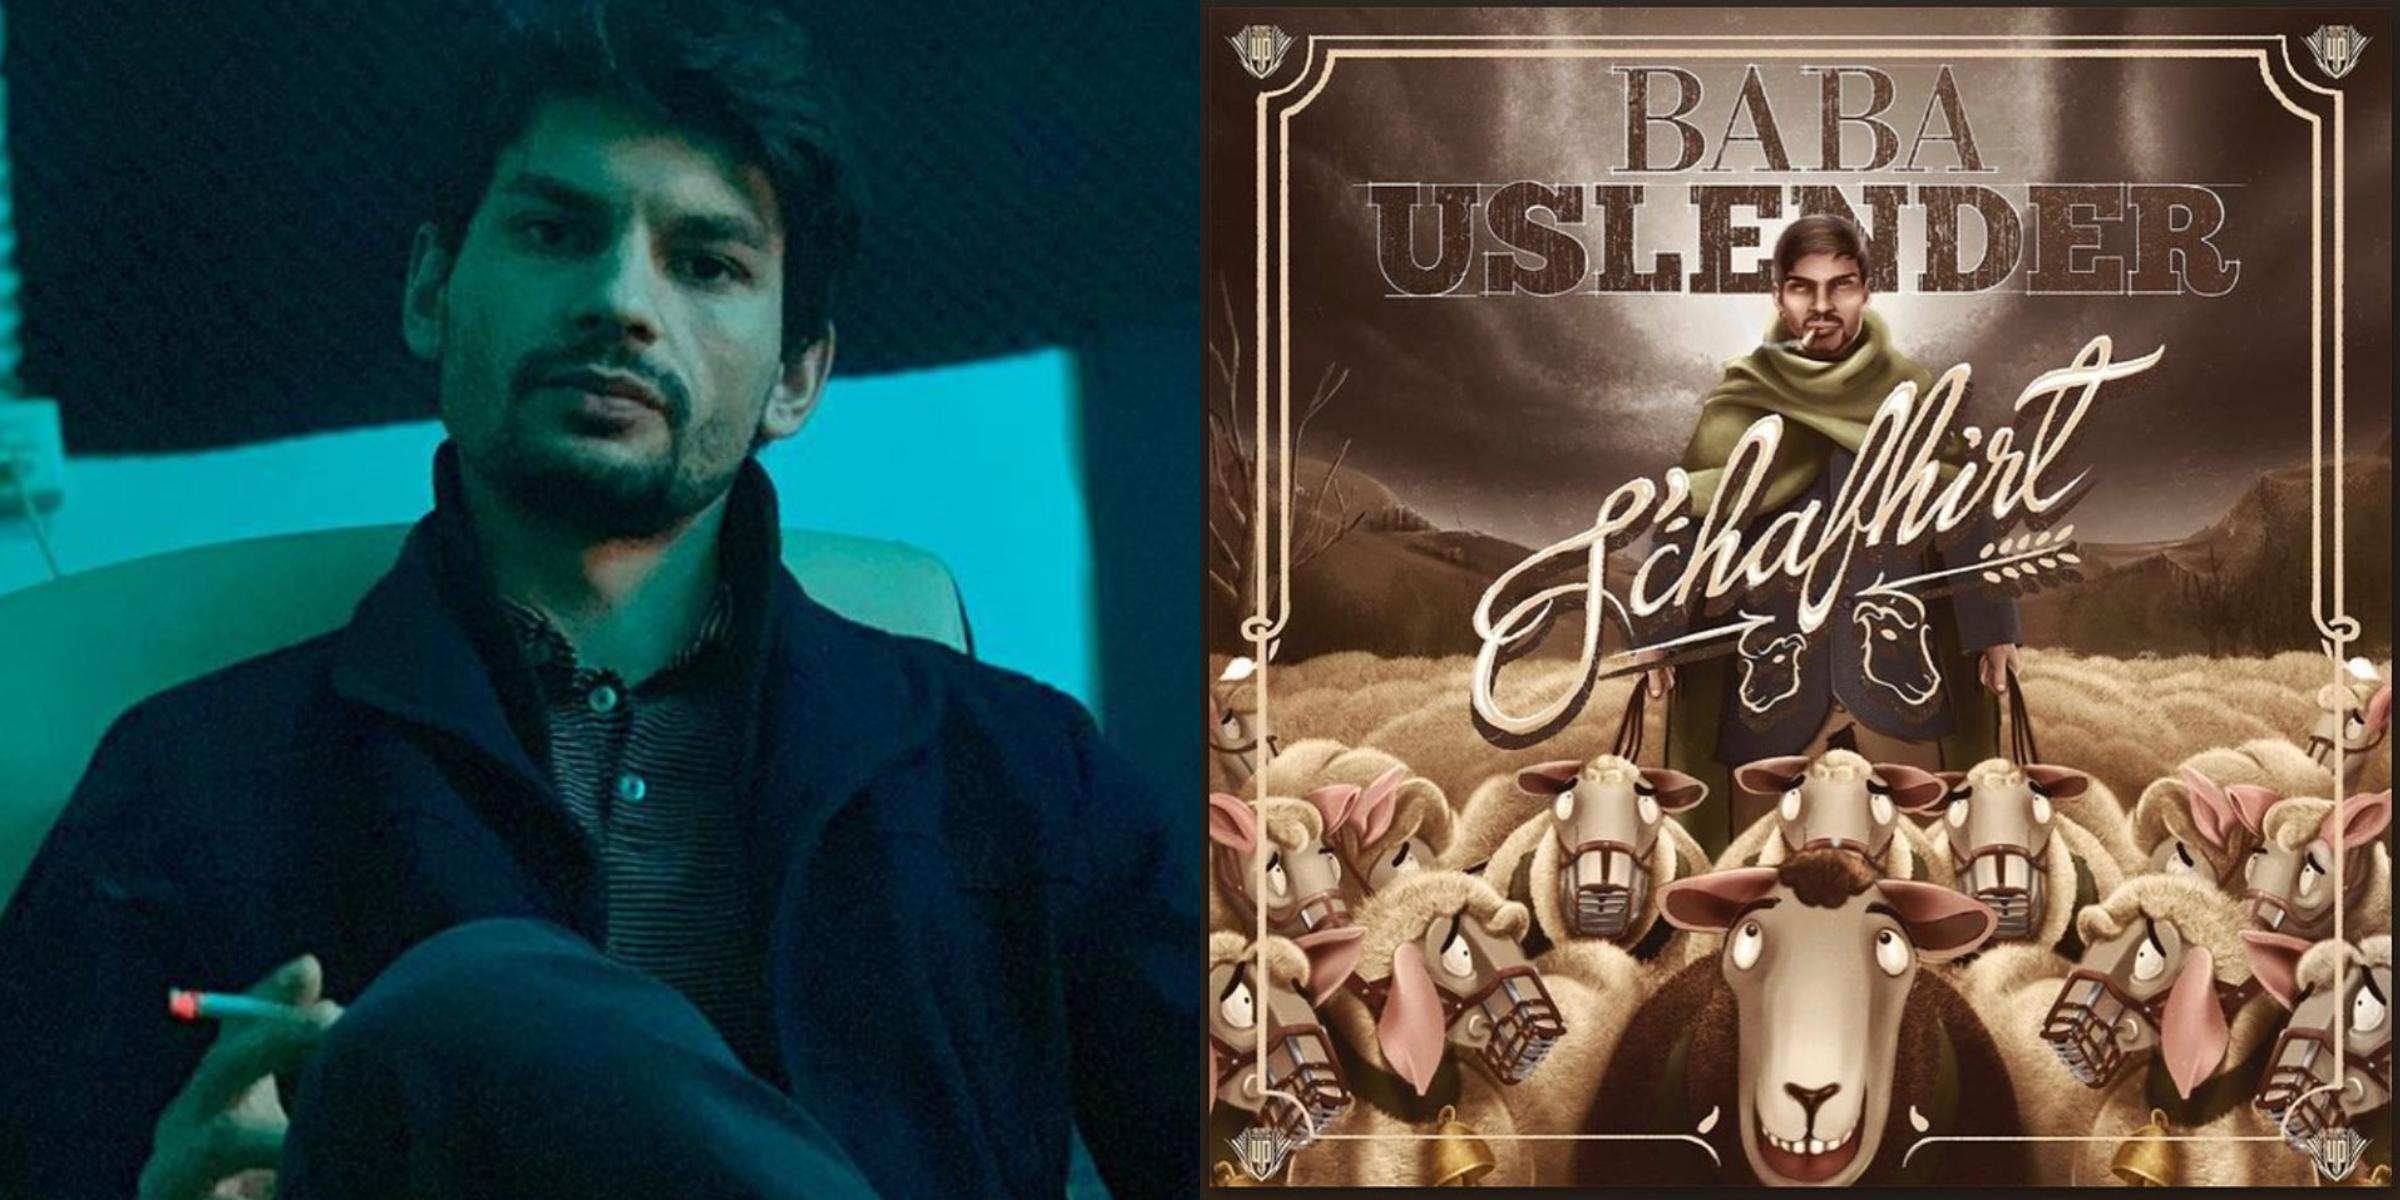 Nach langem warten – Baba Uslender droppt sein Solo-Album «Schafhirt»